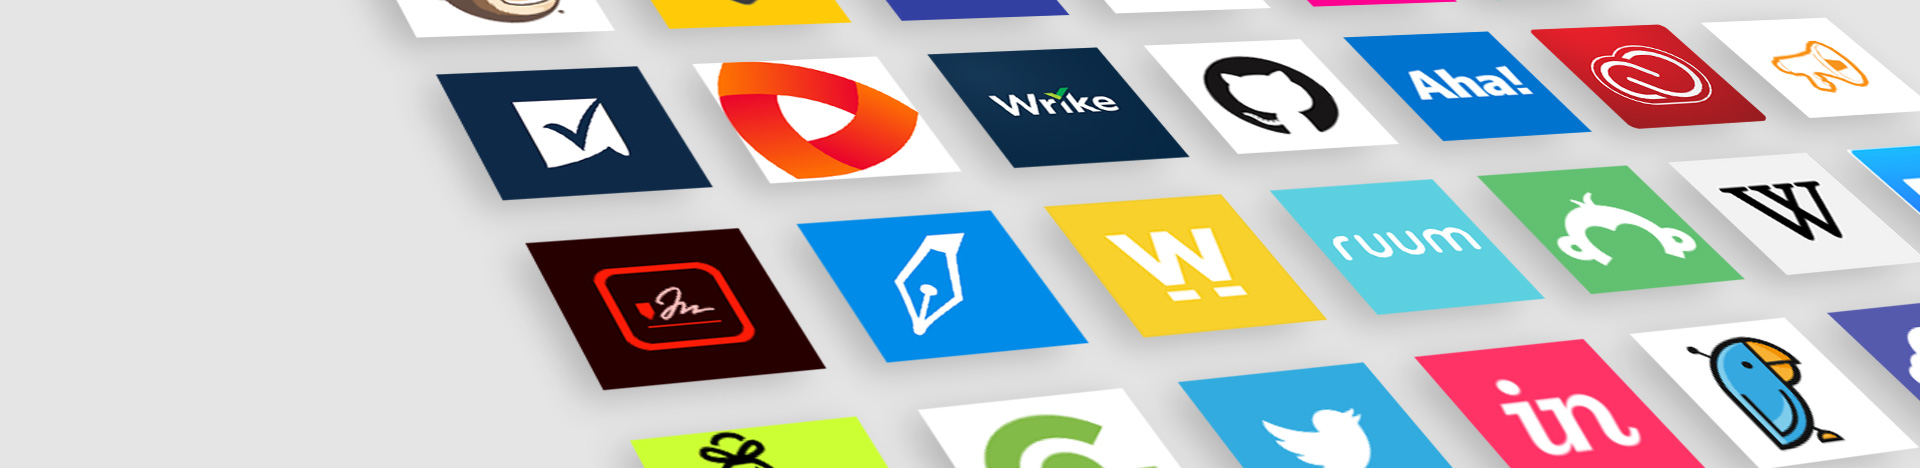 chatování app app matchmaking toronto recenze